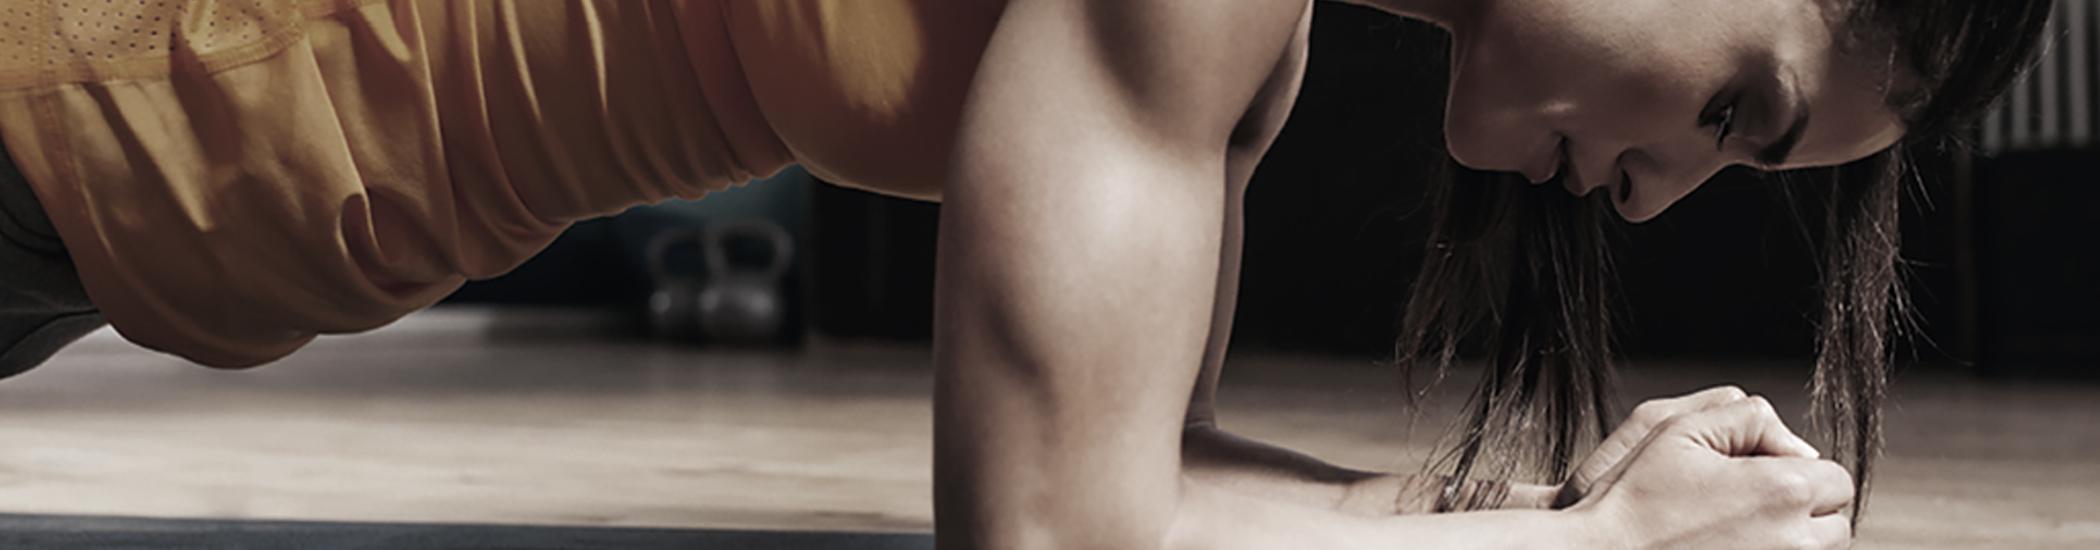 beitragsbild muskelliebe